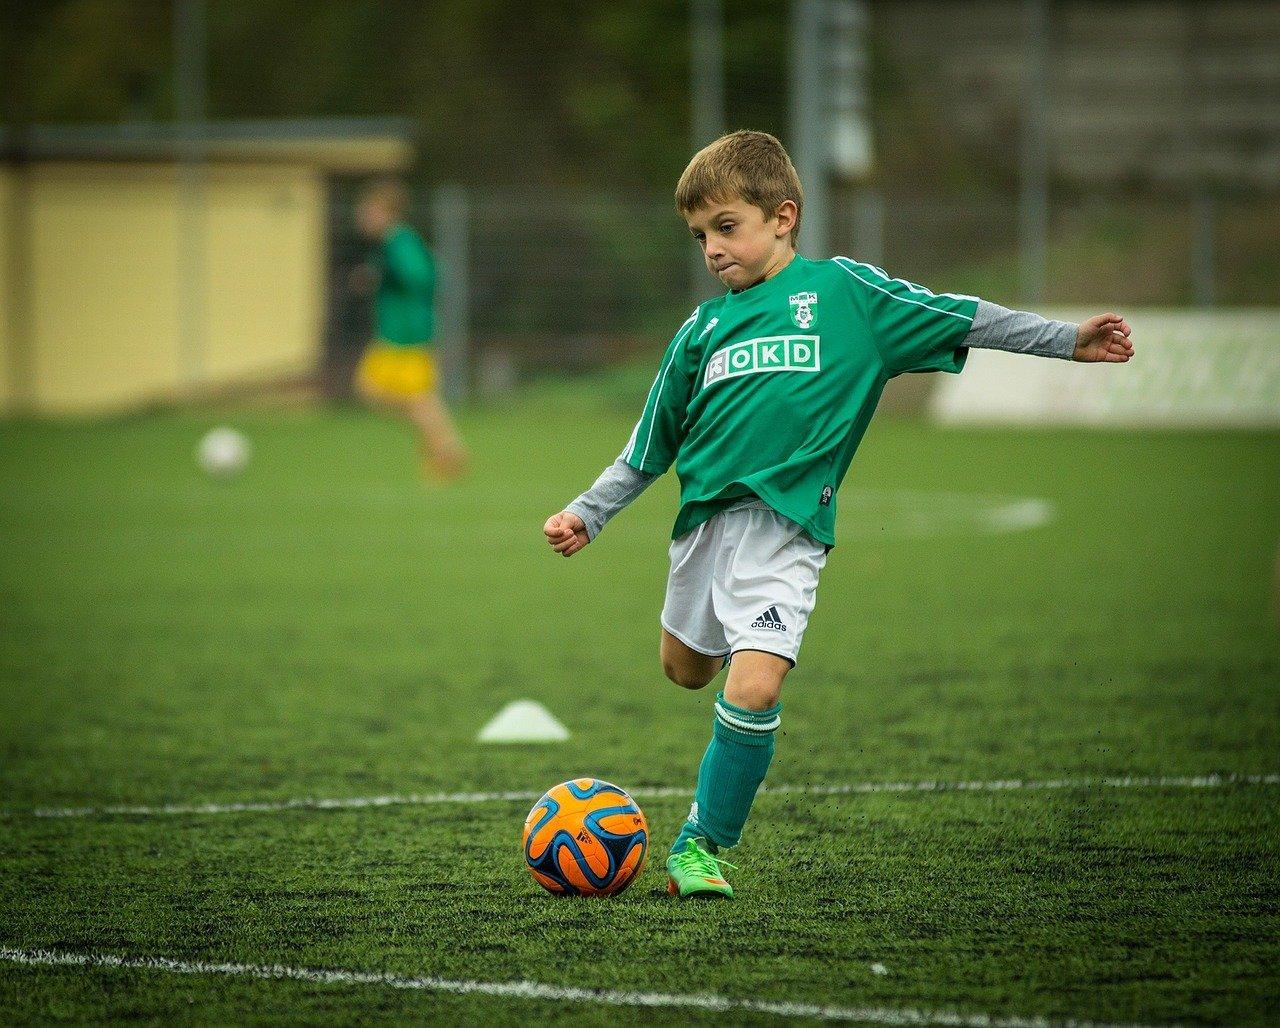 Młodzi piłkarze wydają się miećnajlepszy potencjał na przyszłość. Mogąteż przynieśćspore zyski przez wiele lat.